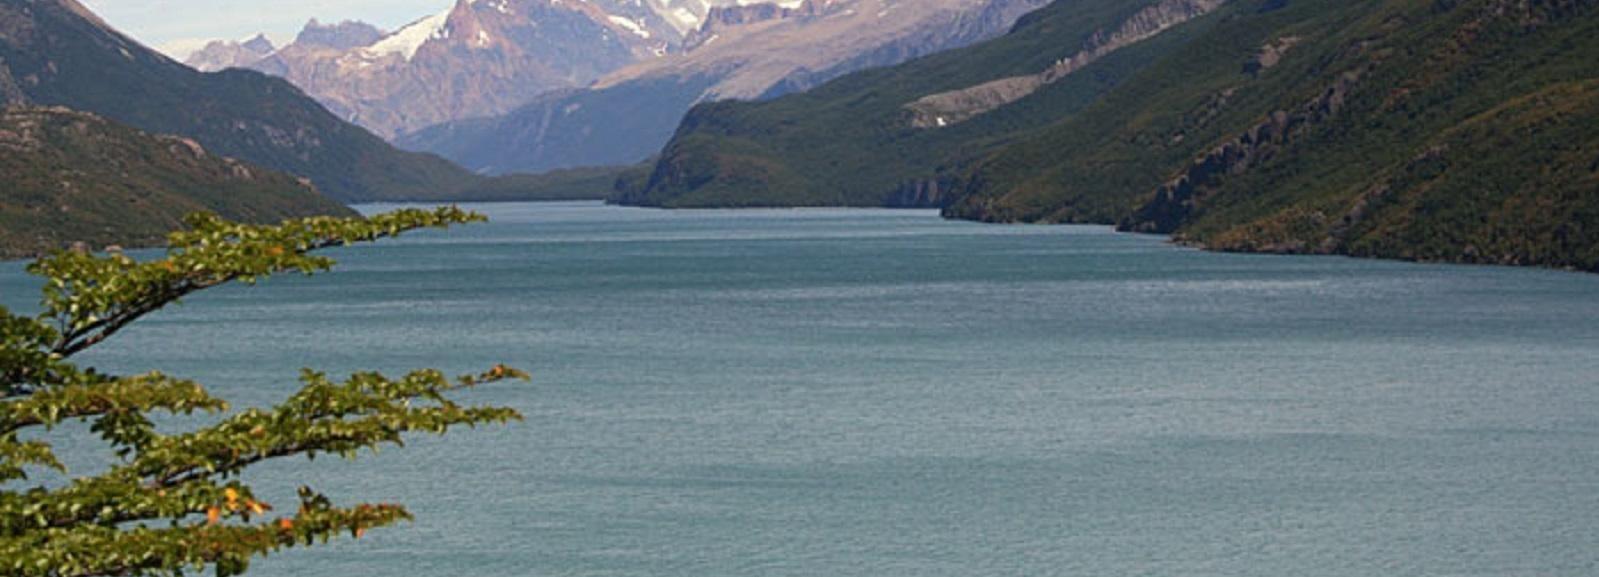 El Chalten: Cruzeiro Lago Del Desierto e Trilha em Glacier